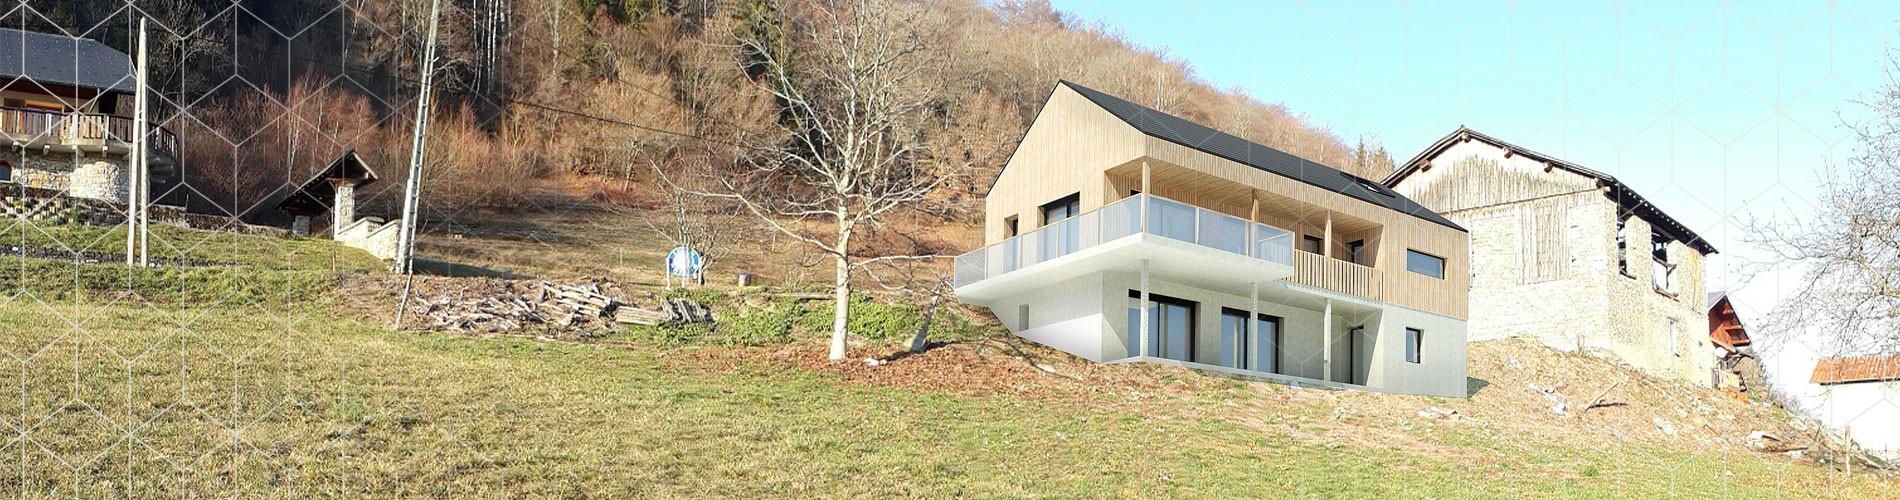 Maison bois accrochée à la montagne